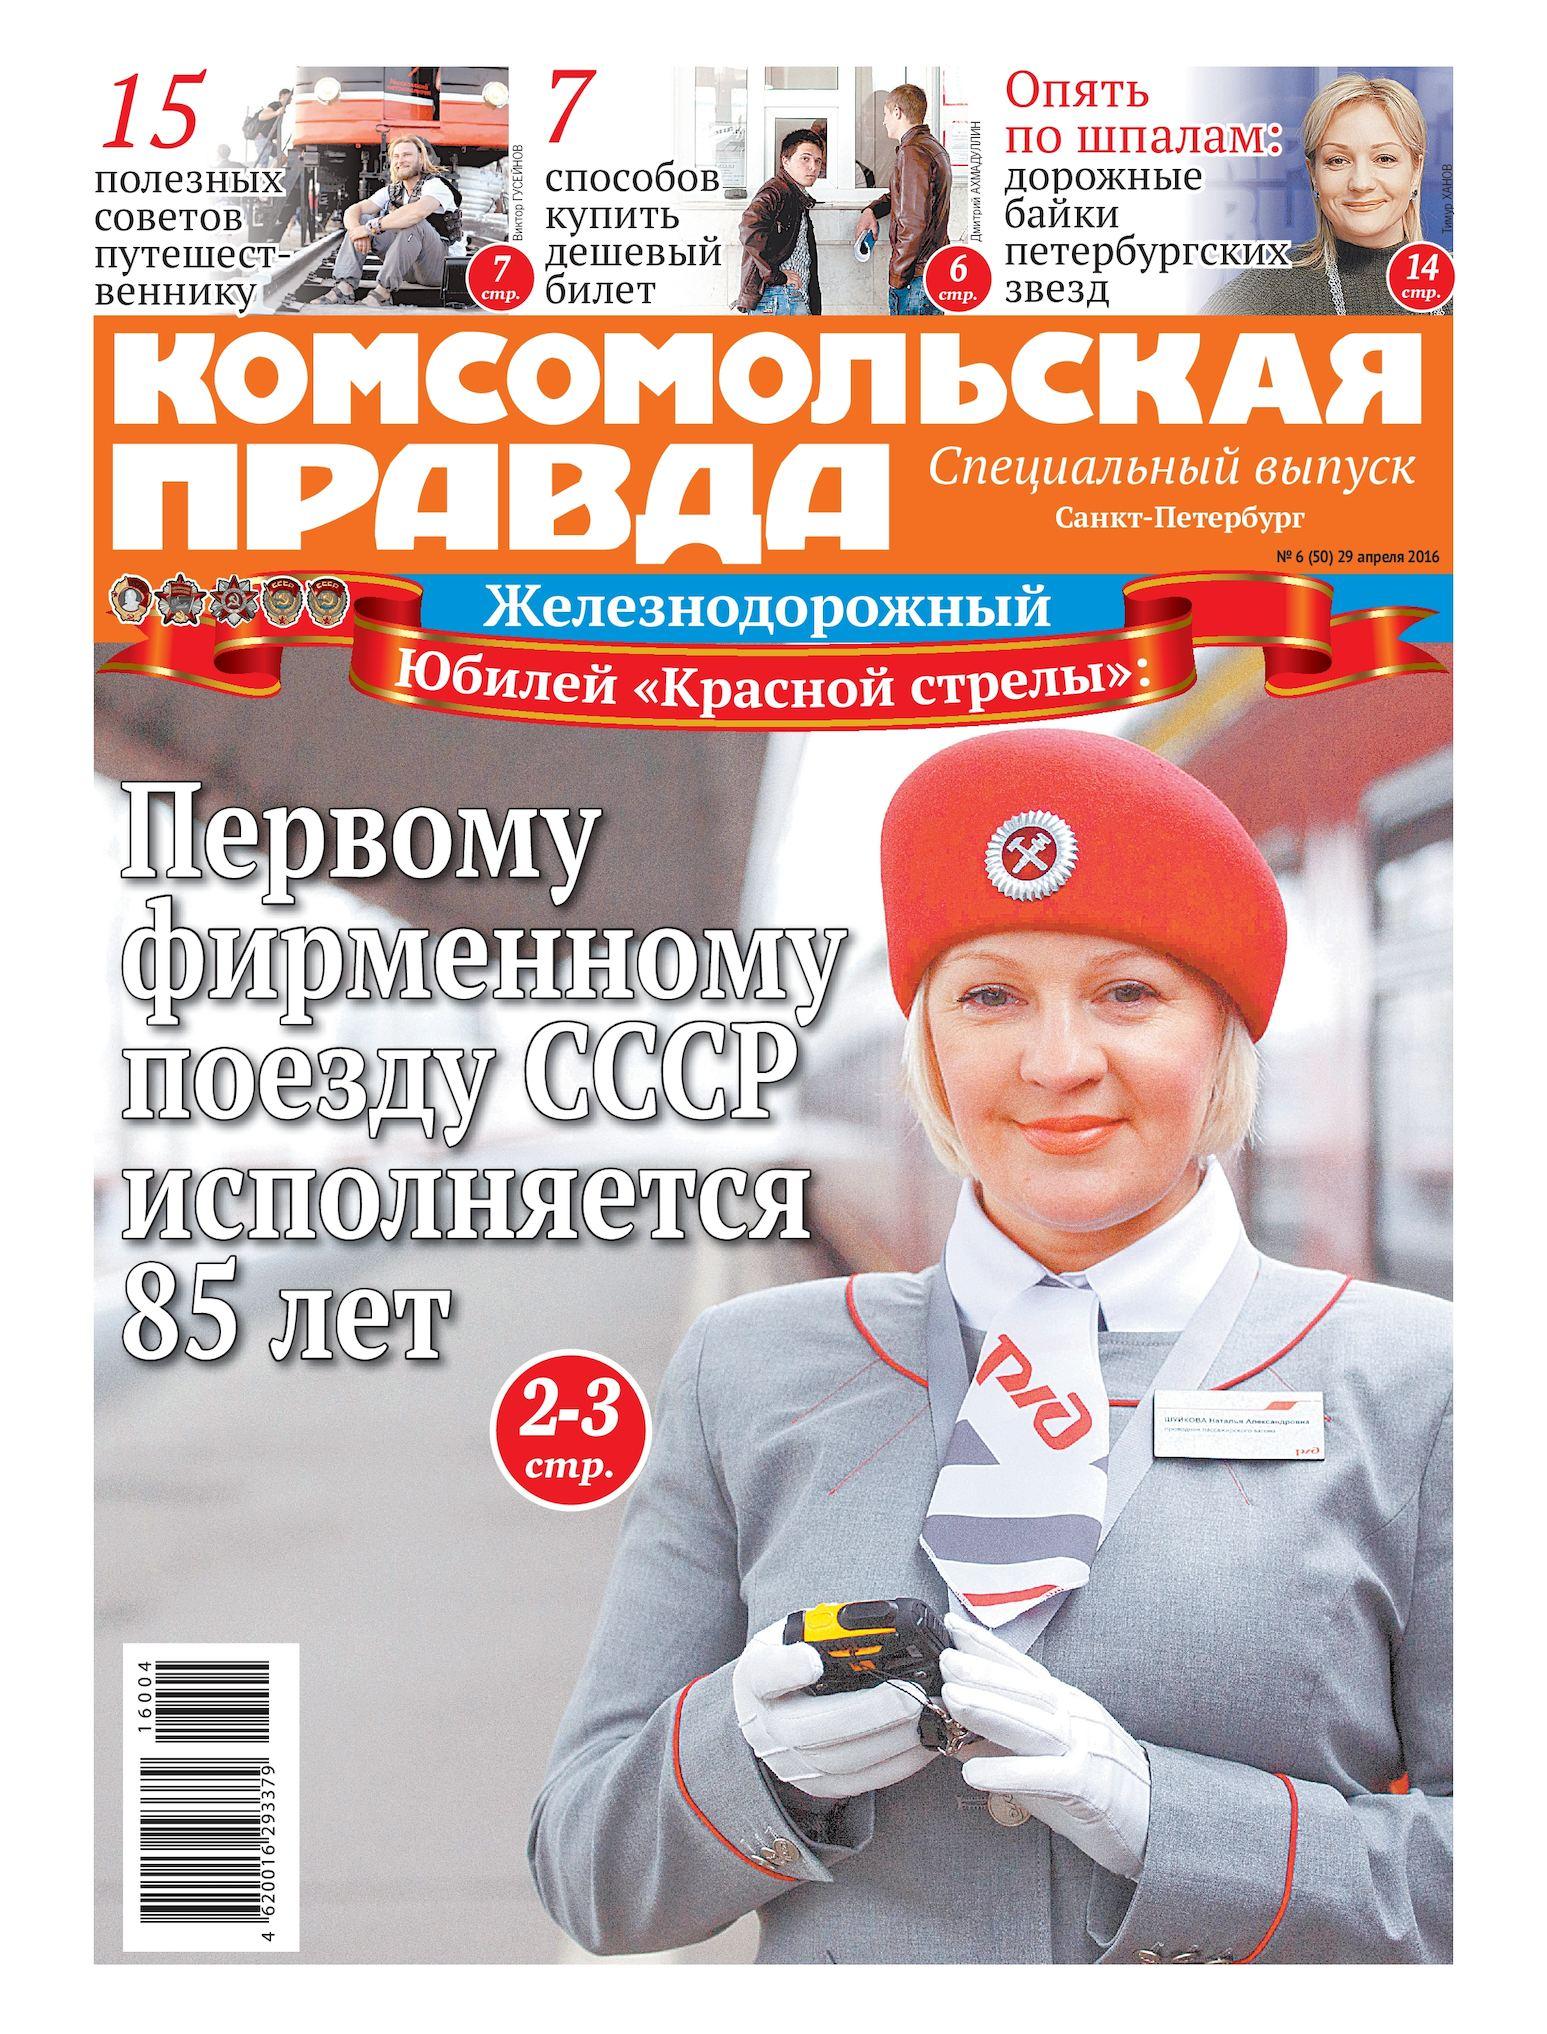 Казино новое вулкан Николаевка скачать